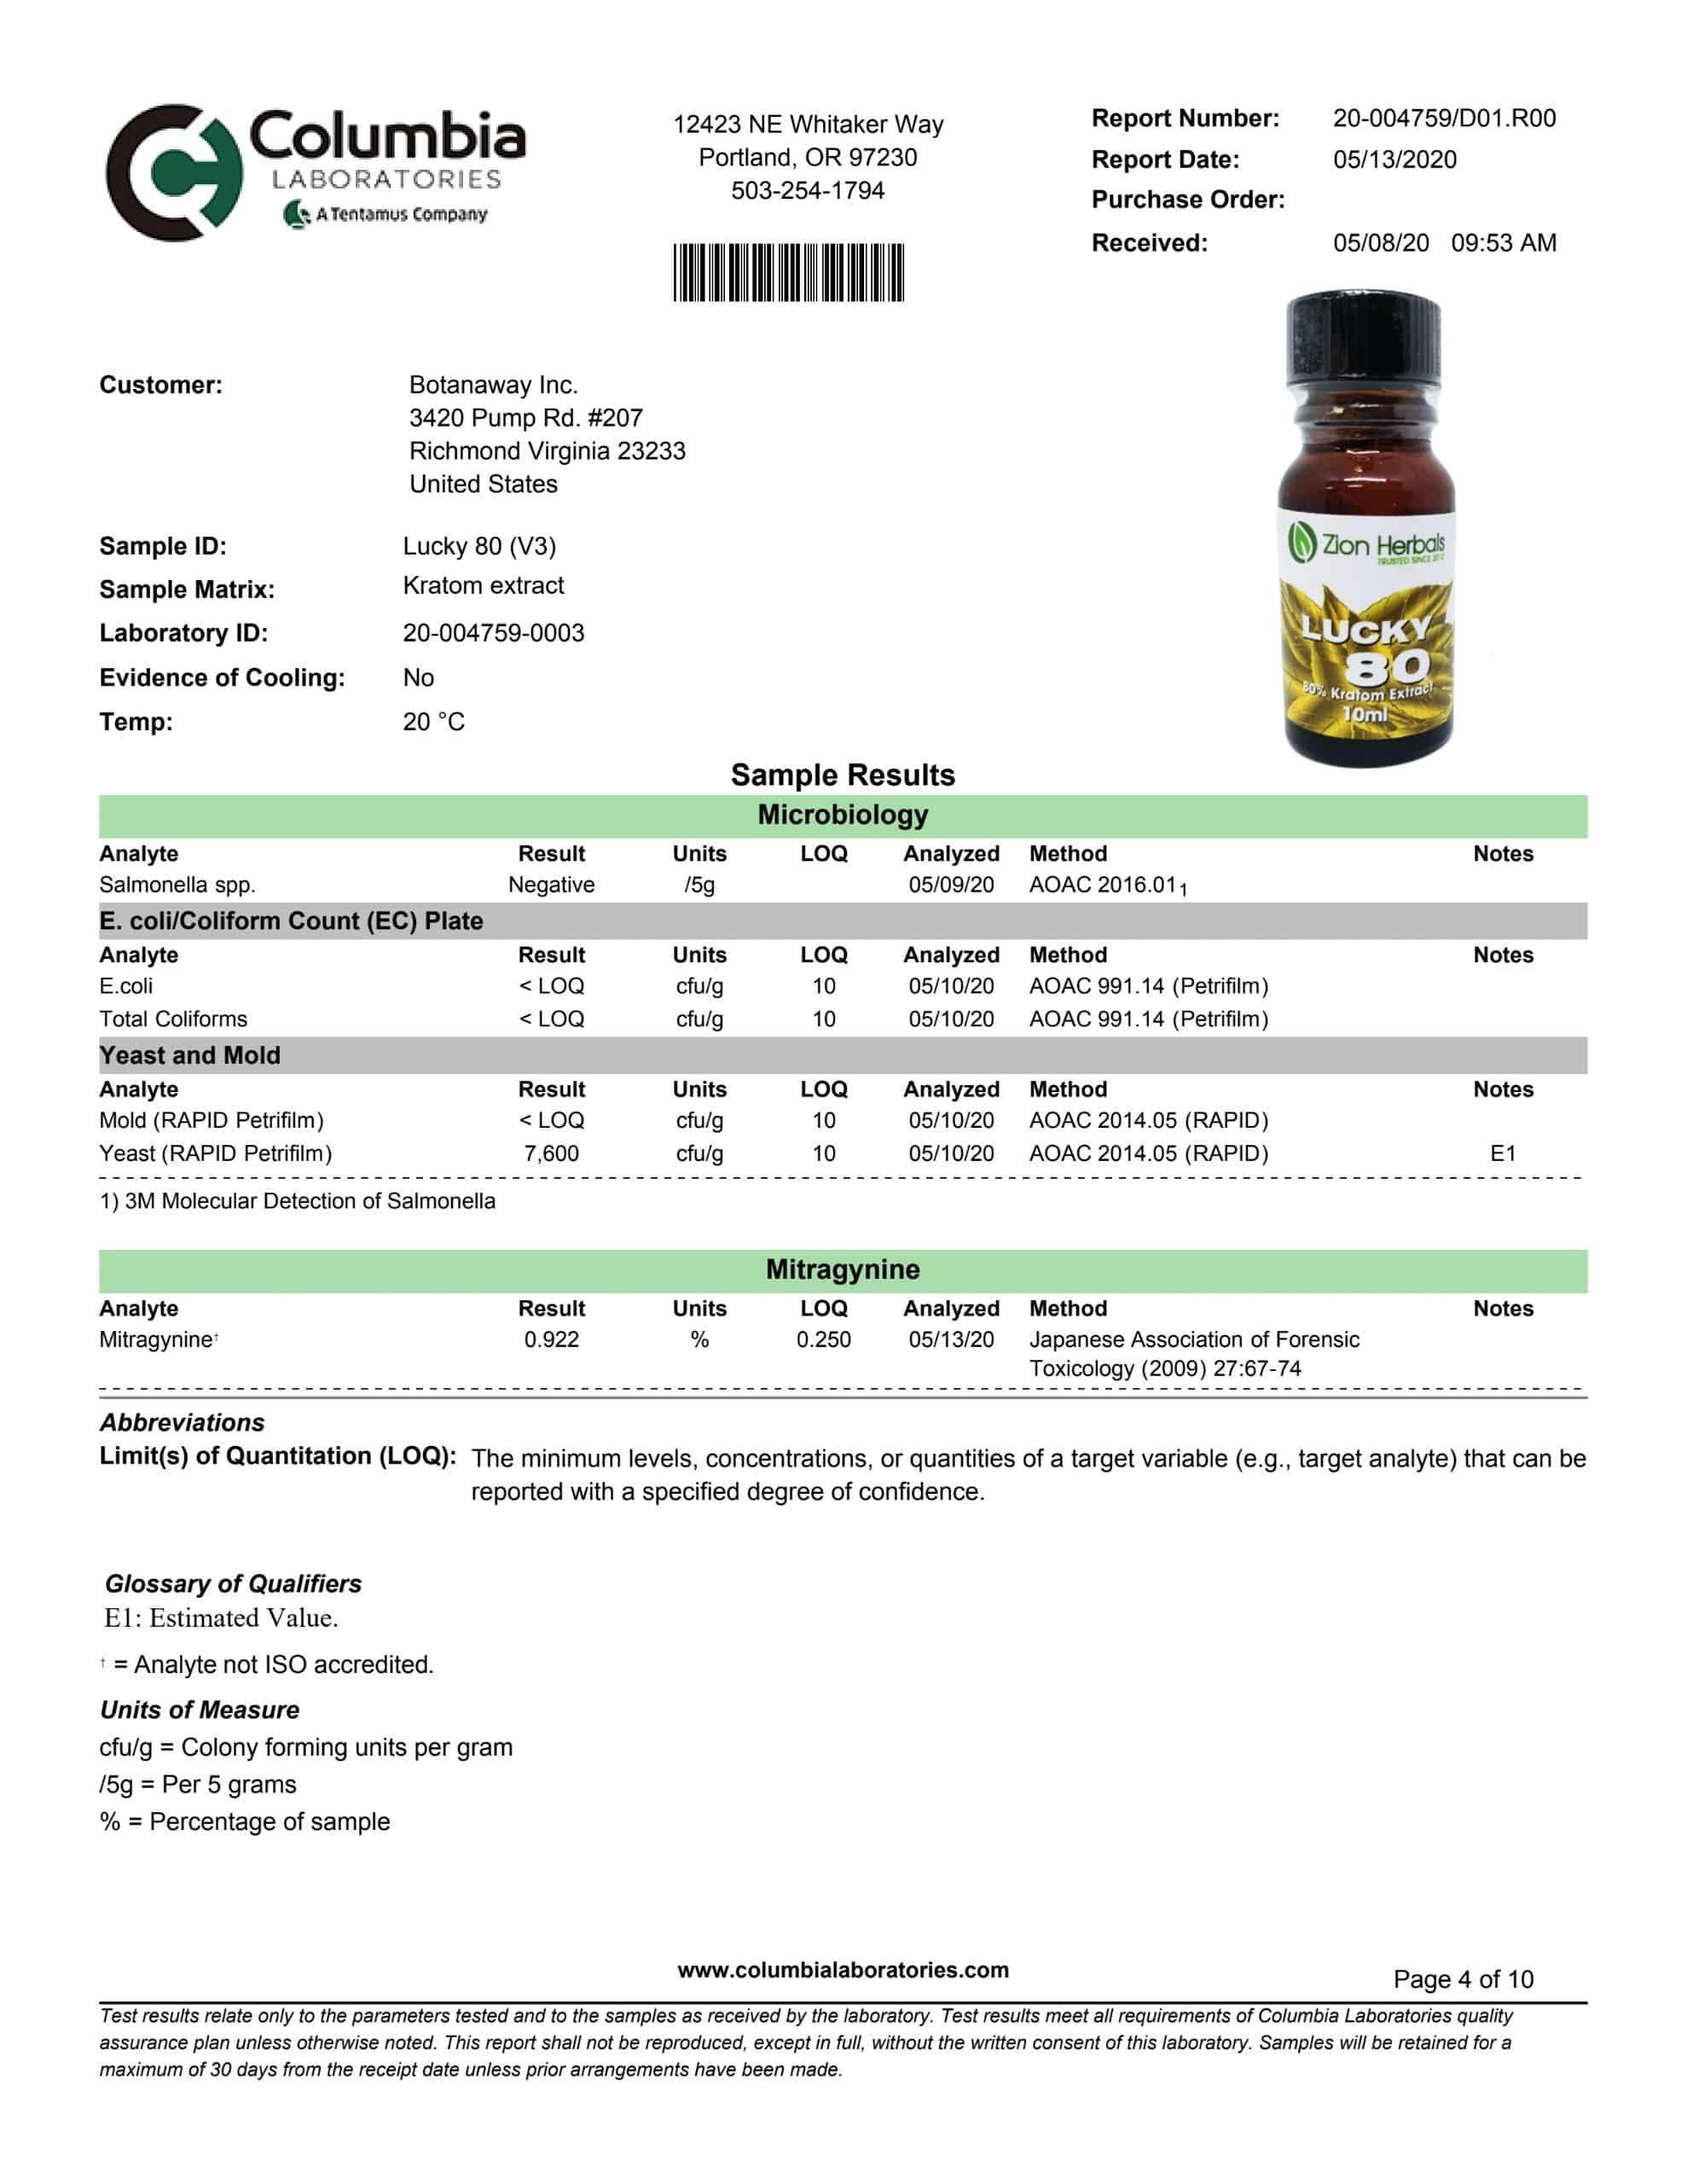 Zion Herbals Lucky 80 Liquid 10ml Lab Test